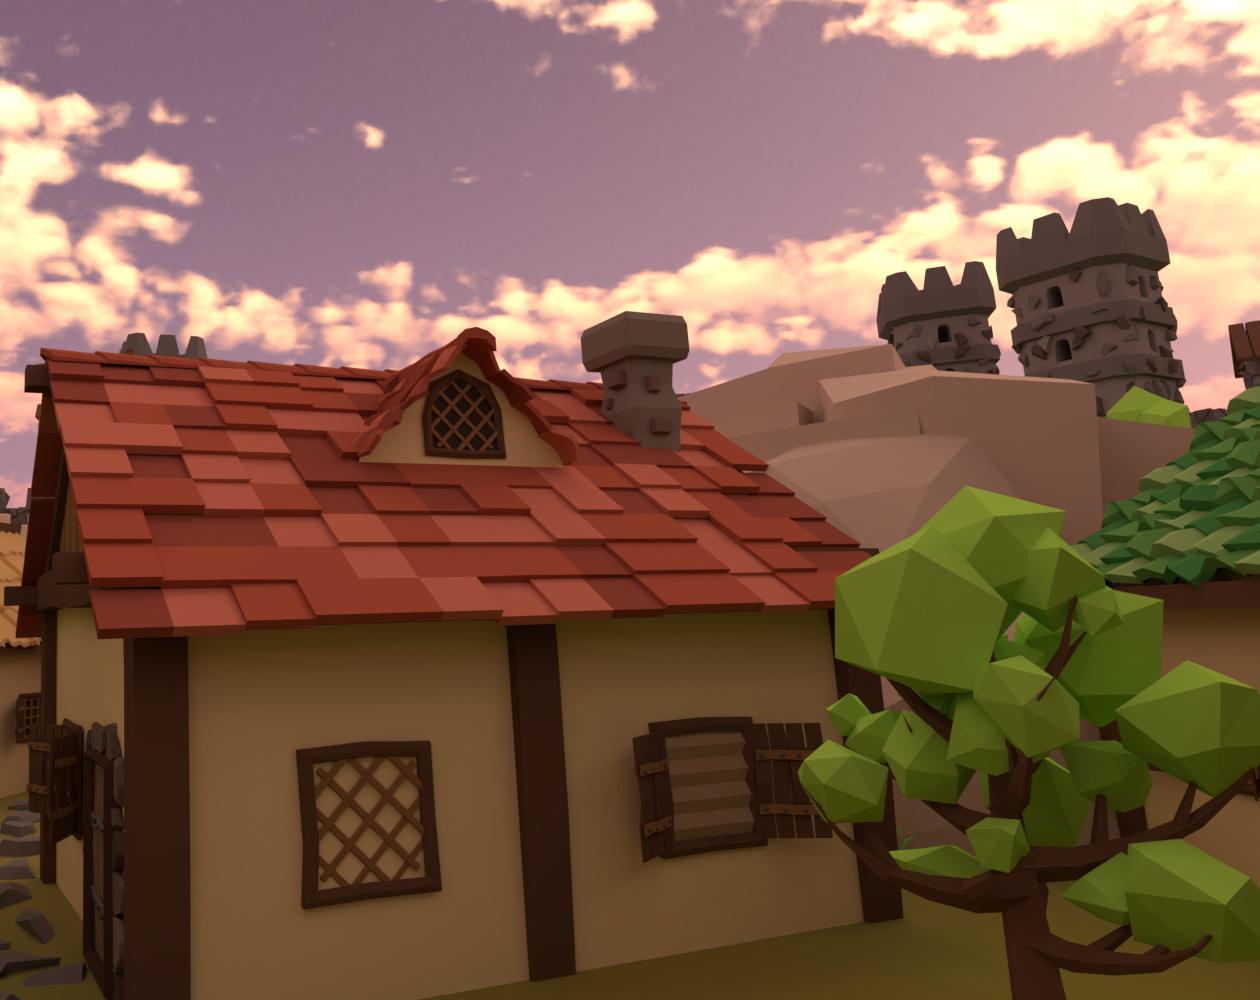 200+ Medieval 3D Game Assets